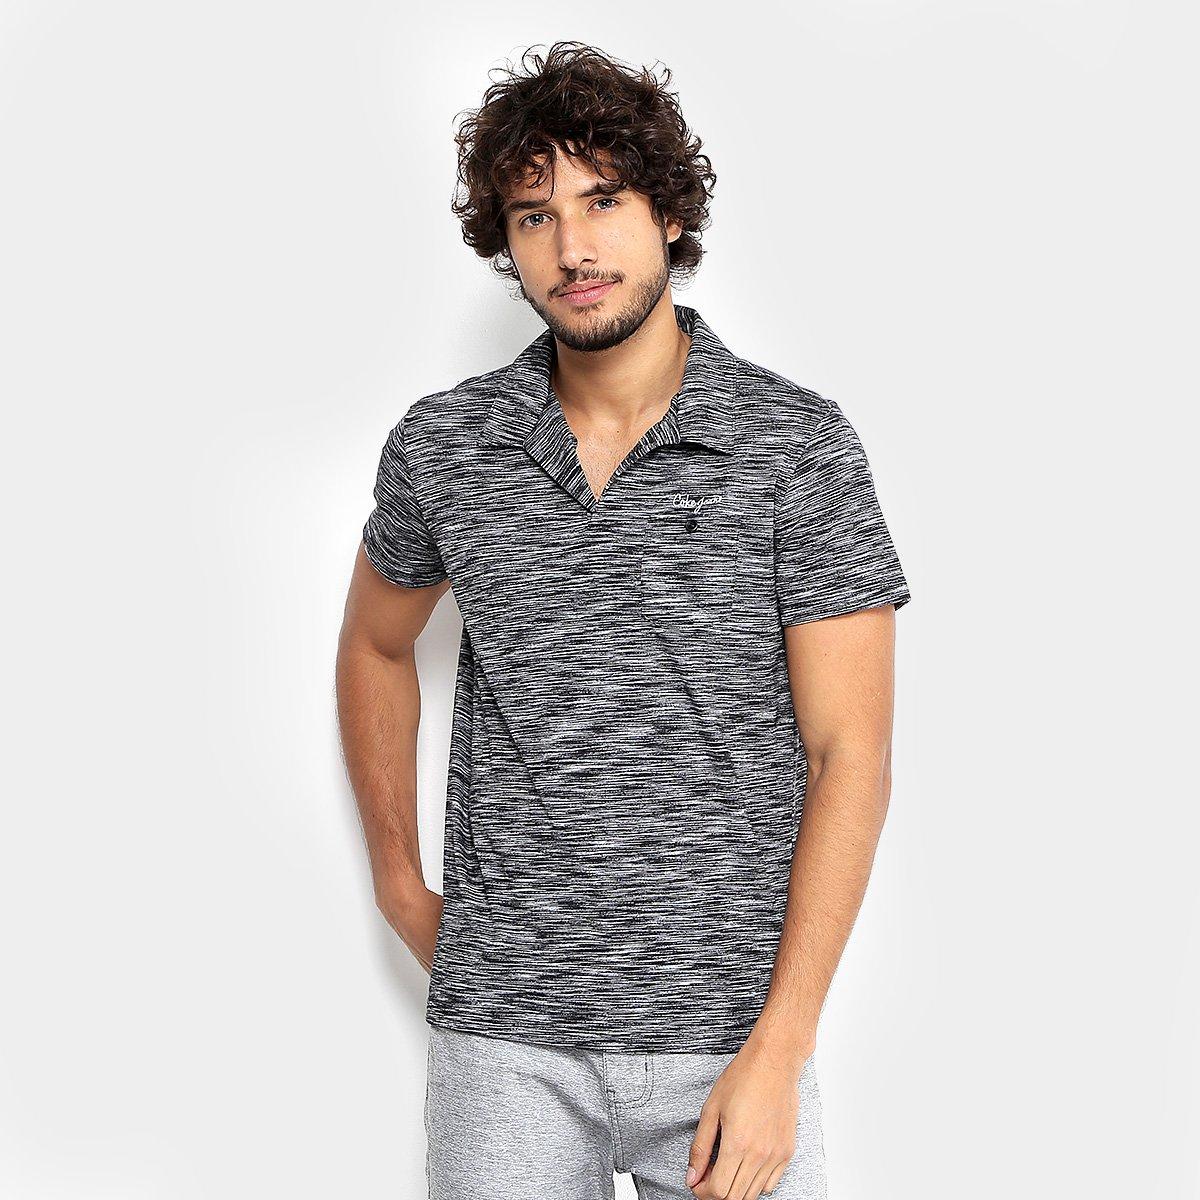 072e629d30420 Camisa Polo Mescla Coca-Cola Masculina - Compre Agora